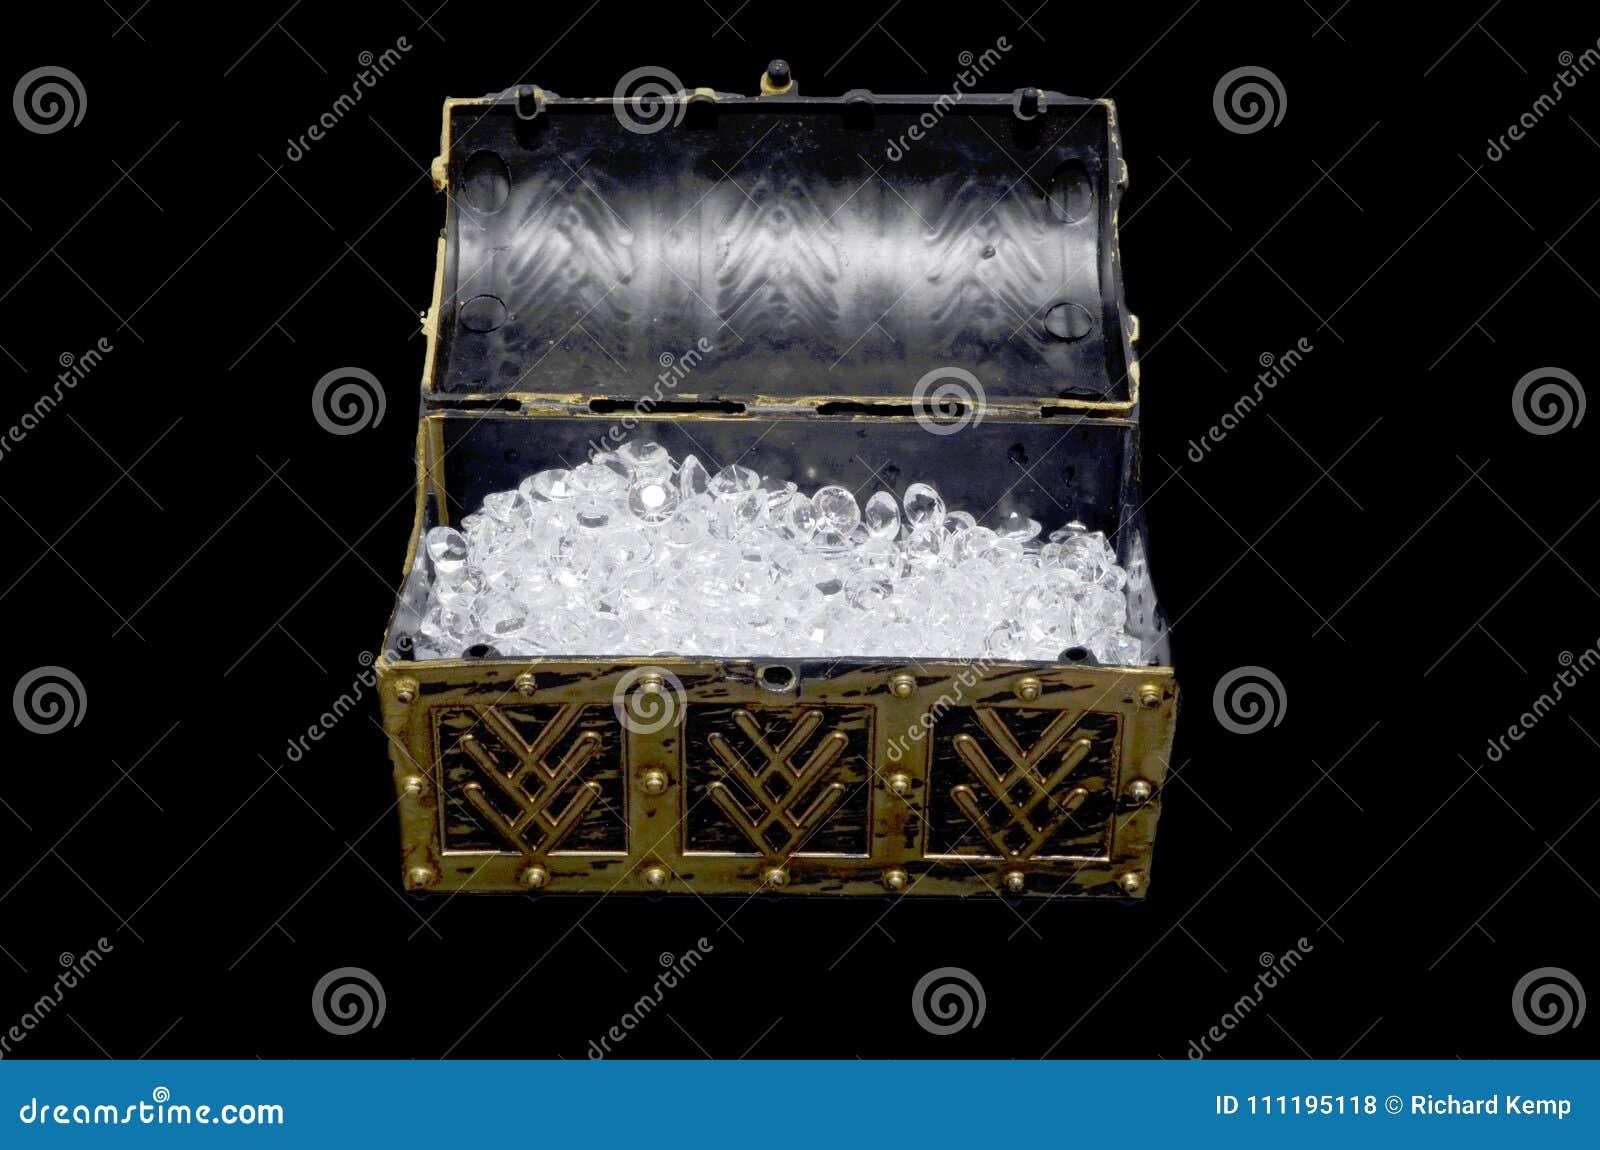 Diamonds in an open treasure chest